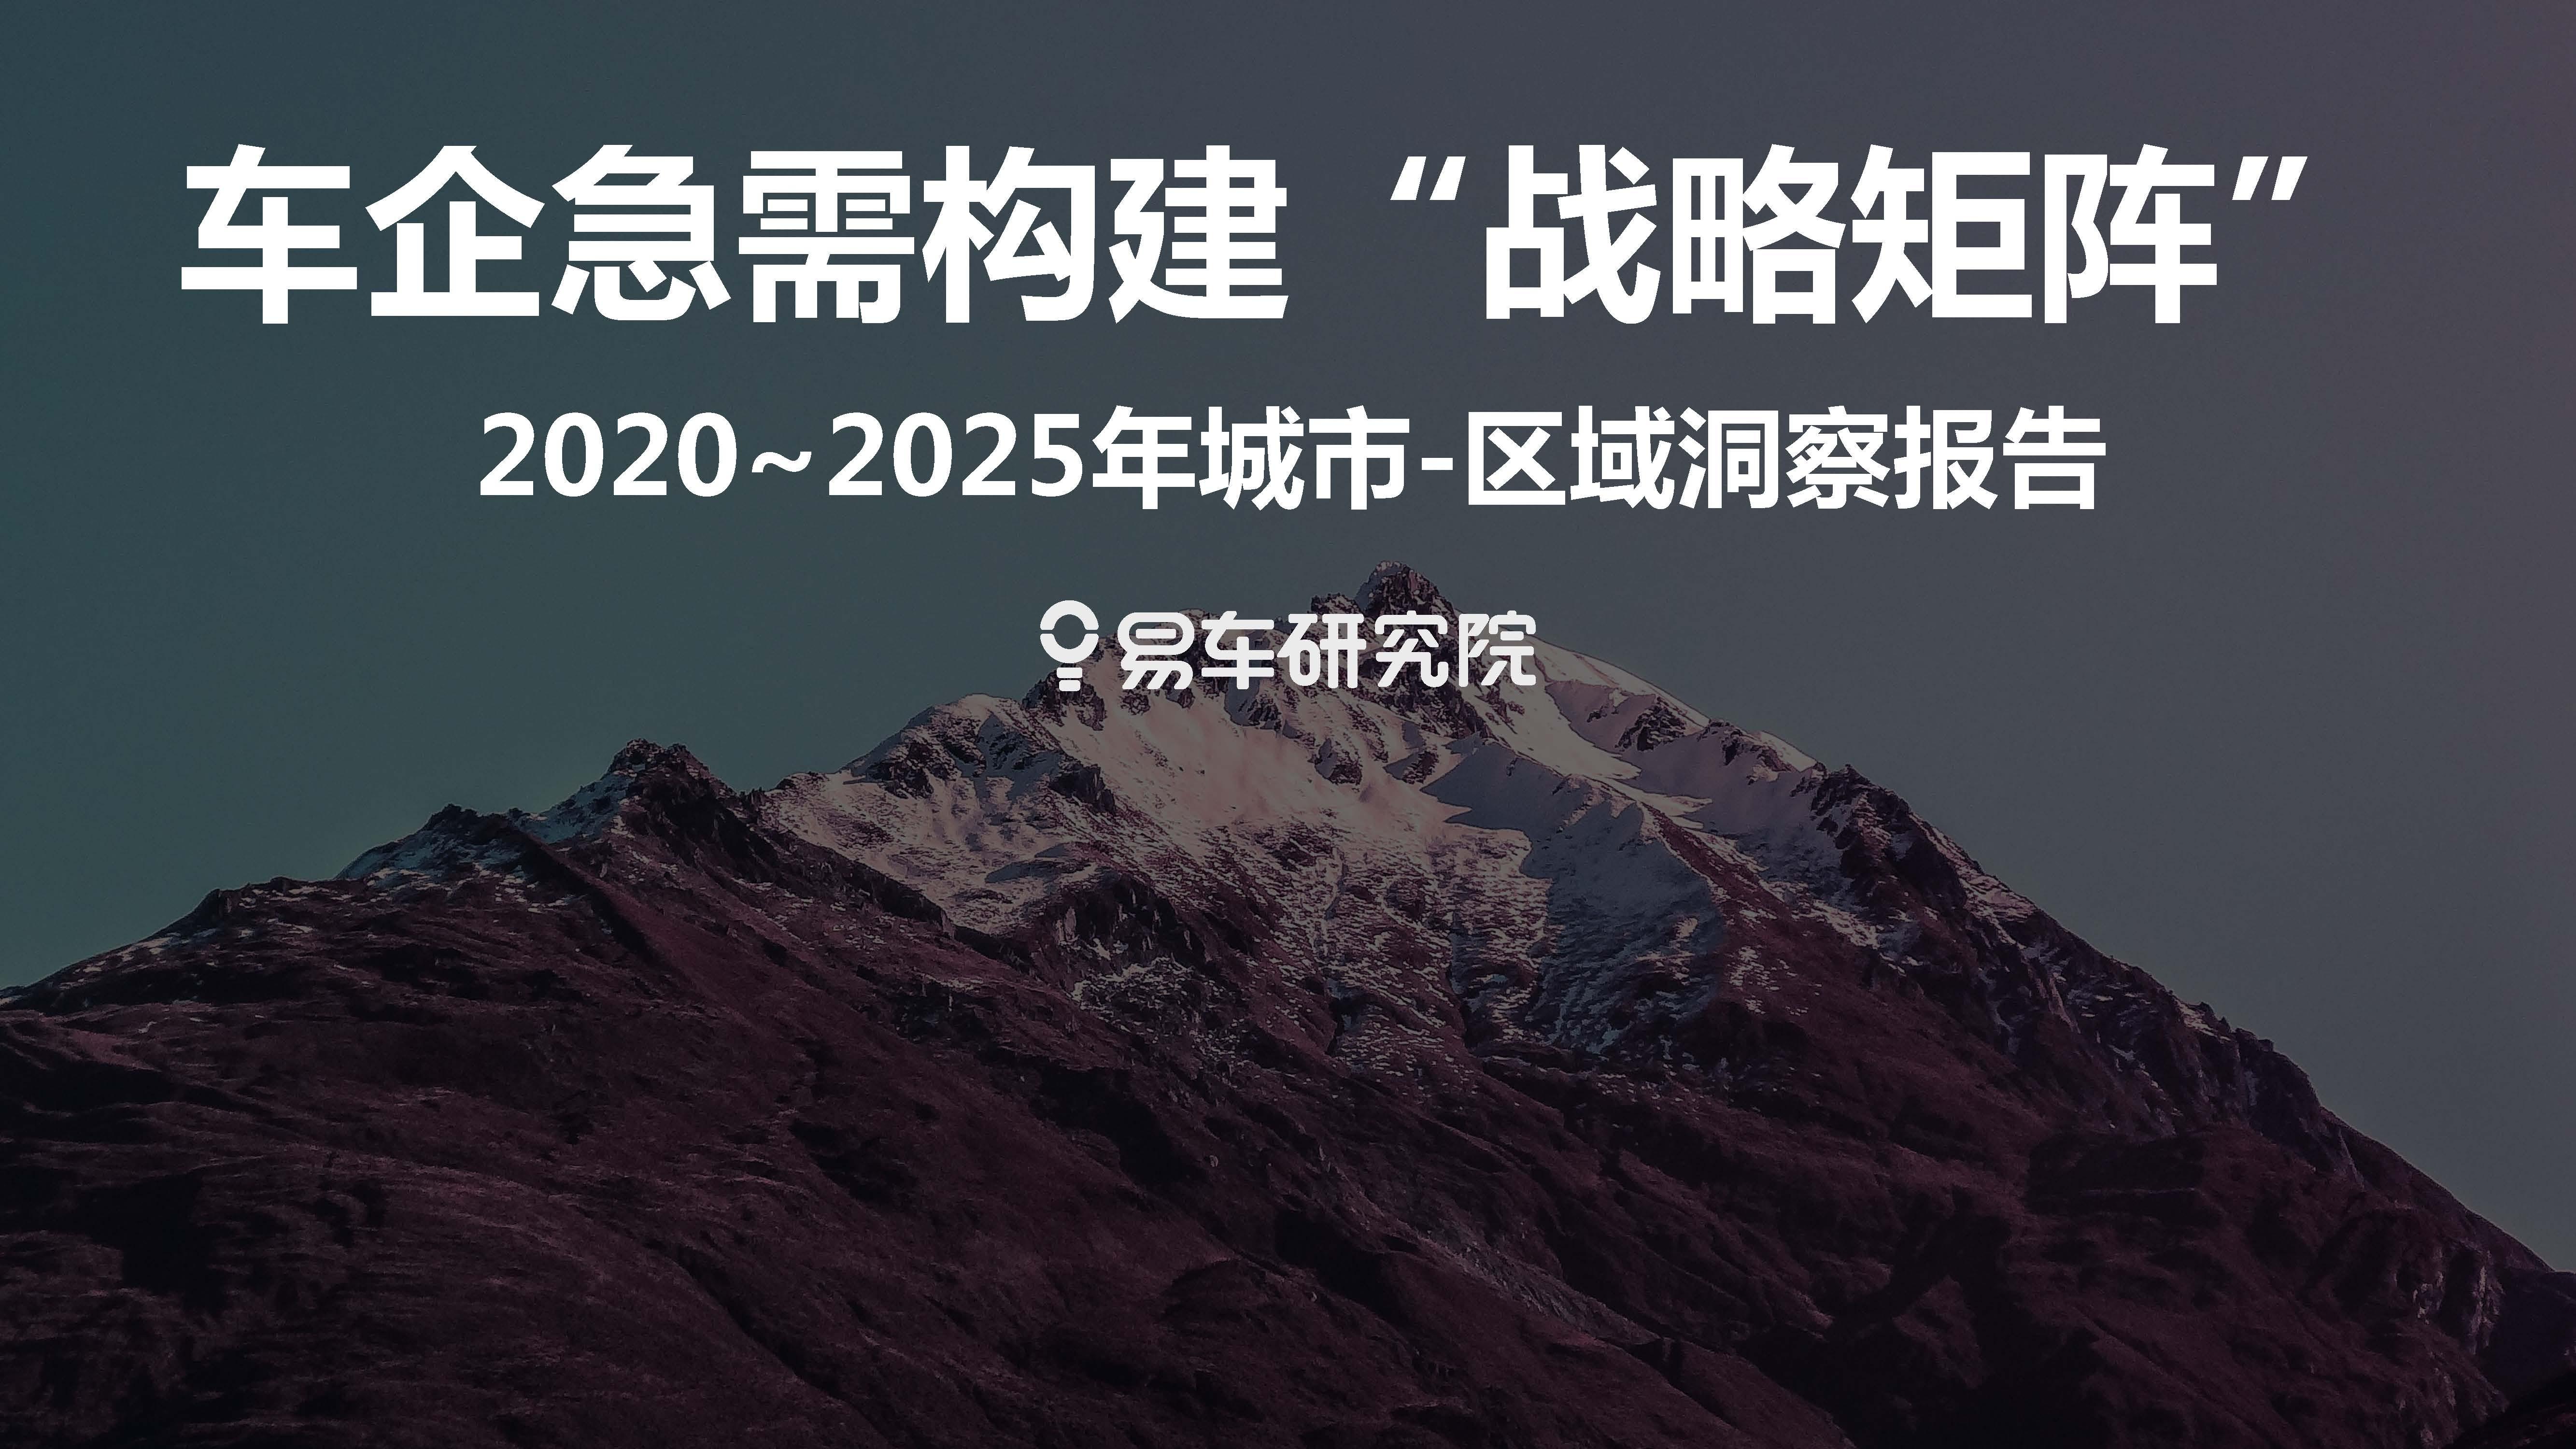 """易车:2020~2025年城市-区域洞察报告—车企急需构建""""战略矩阵""""(附下载地址)"""